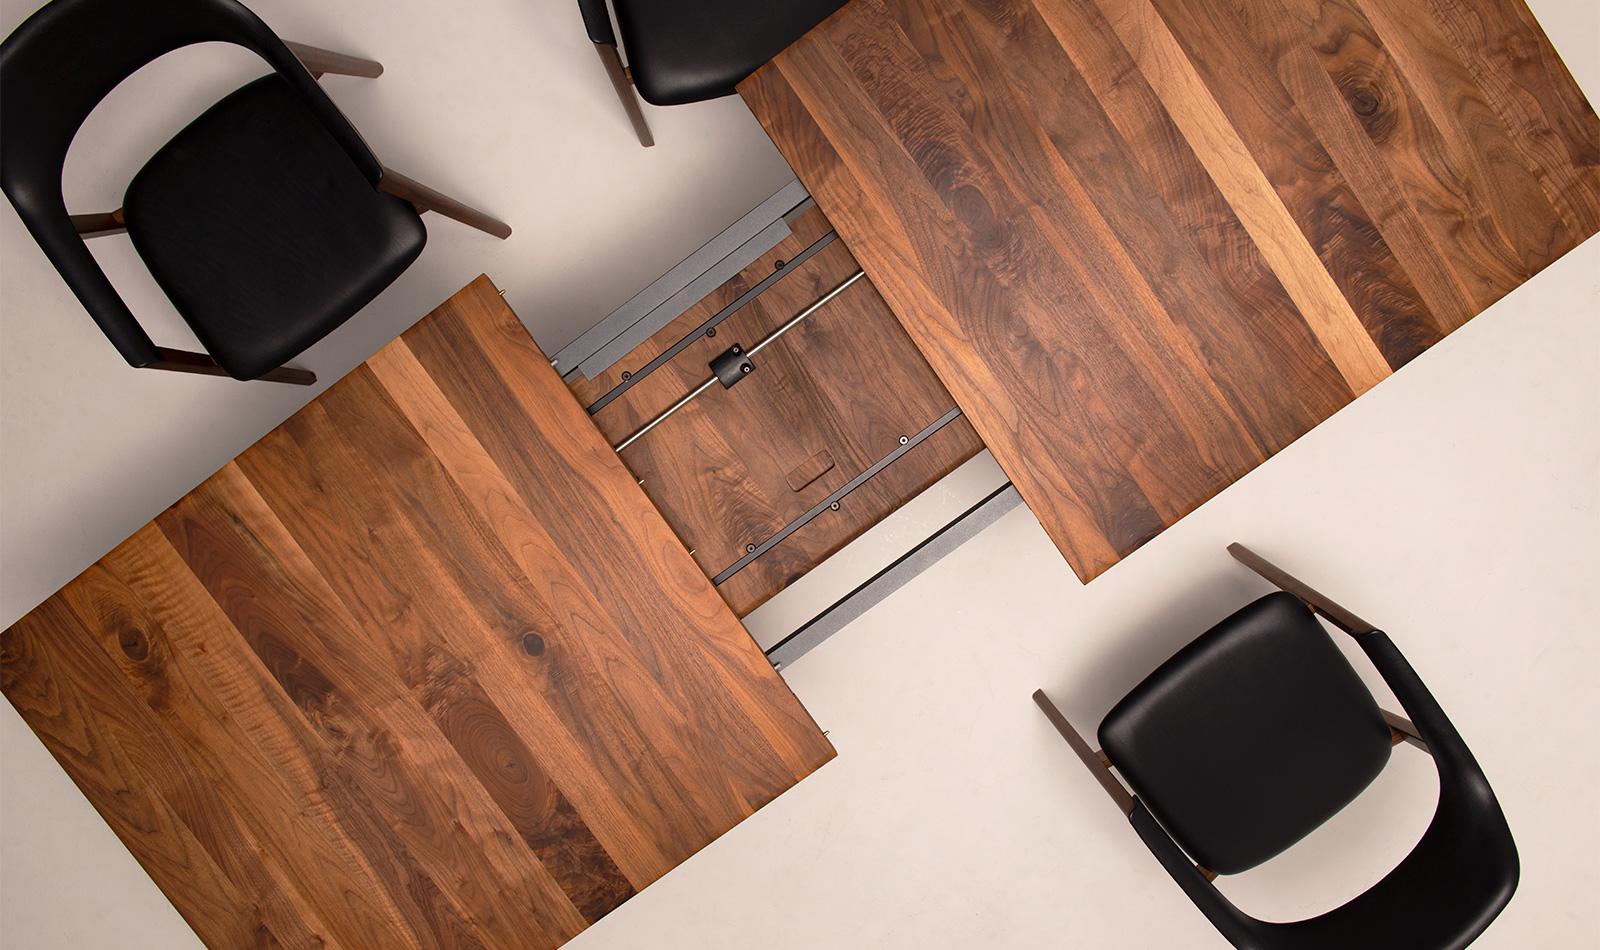 便利な伸長式テーブルの魅力と暮らし方提案